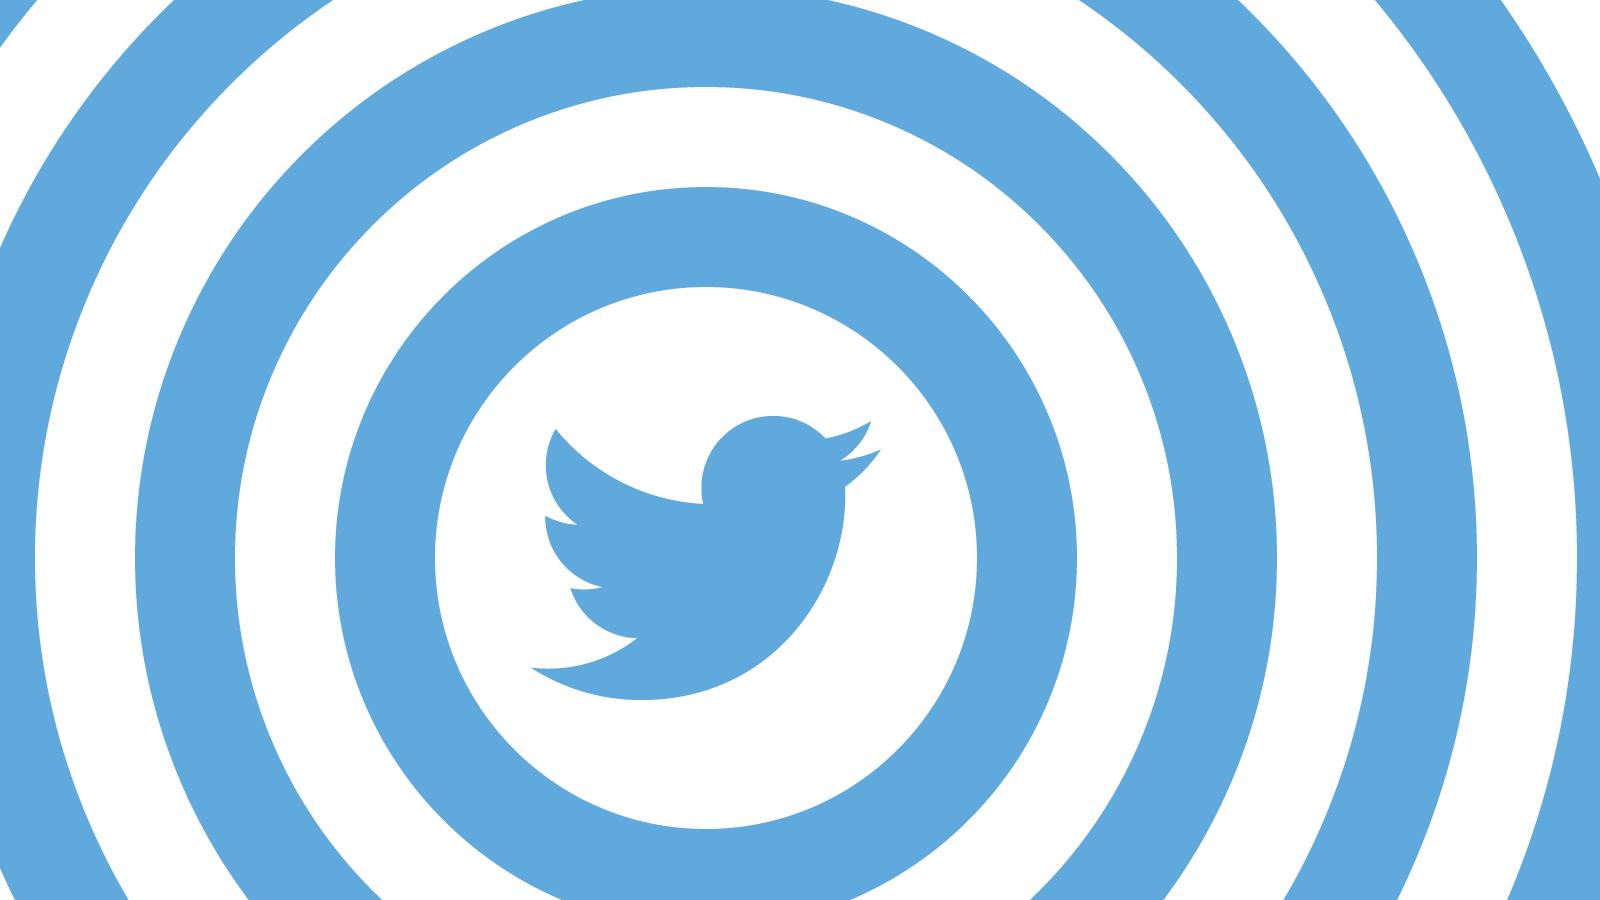 Yandaşlardan 'tekerleme': Twitter'a Twitter üzerinden linç kampanyası